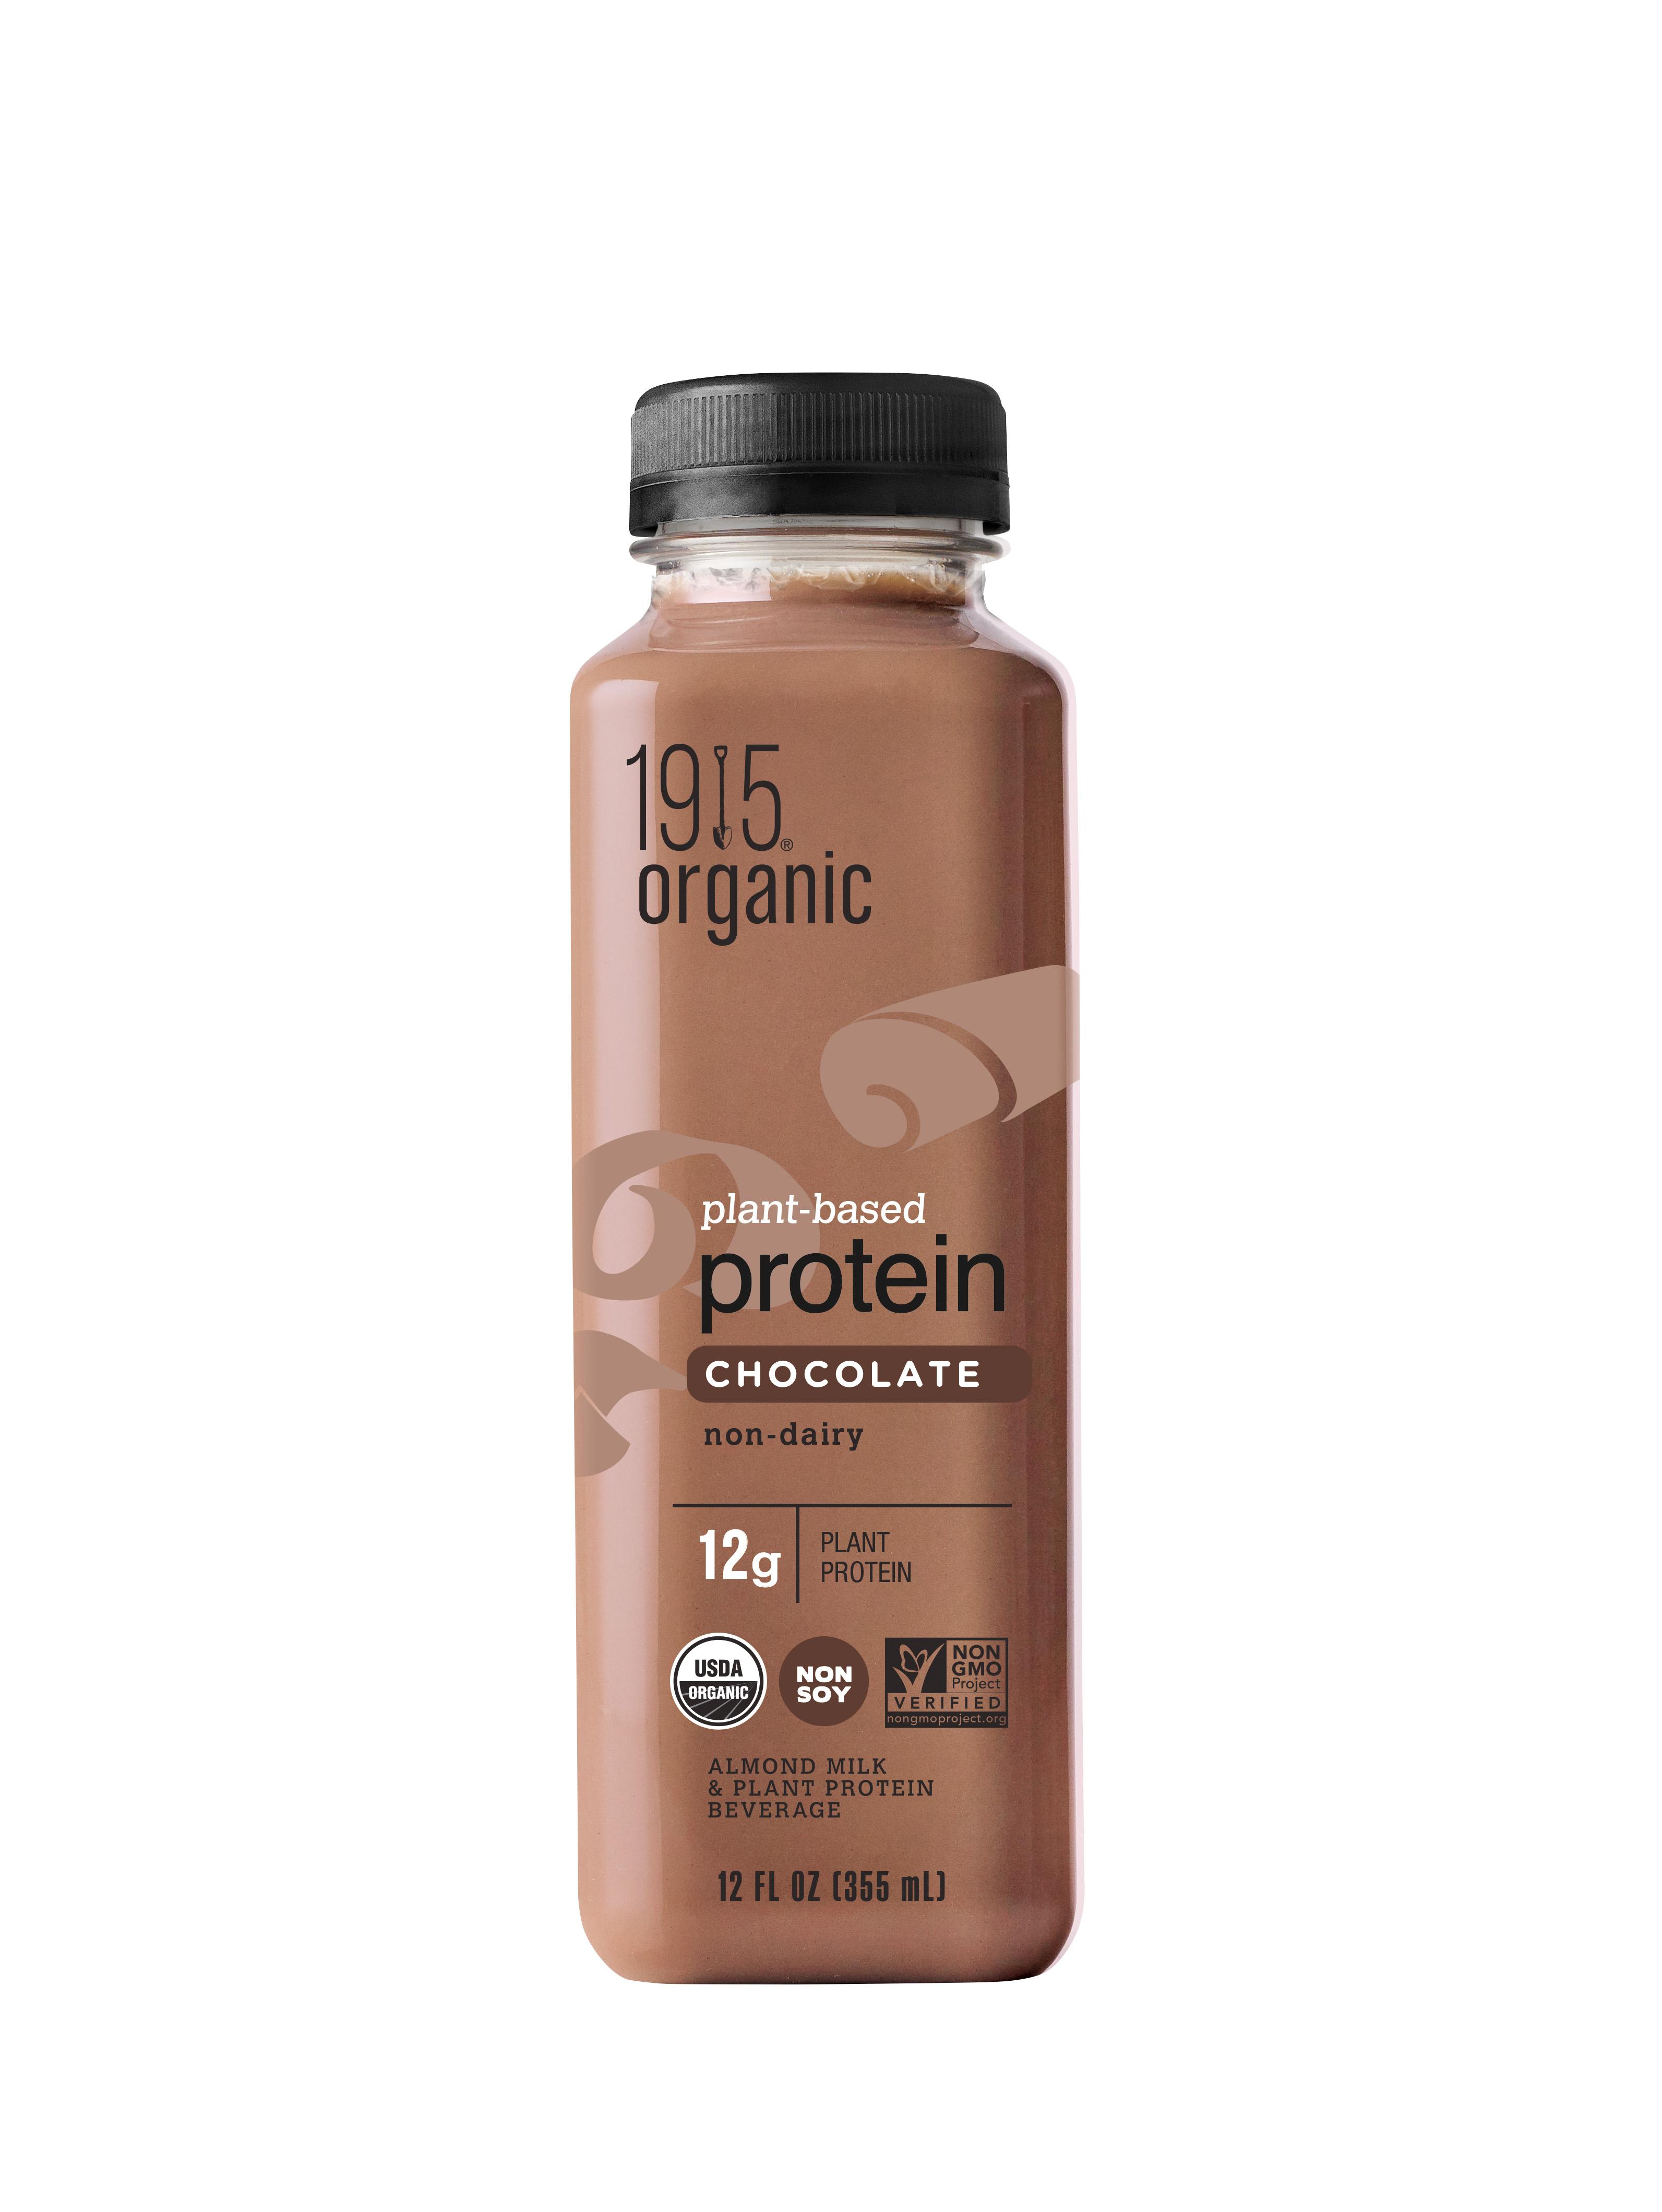 1915 Organic: Almond Milk & Plant Protein Beverage